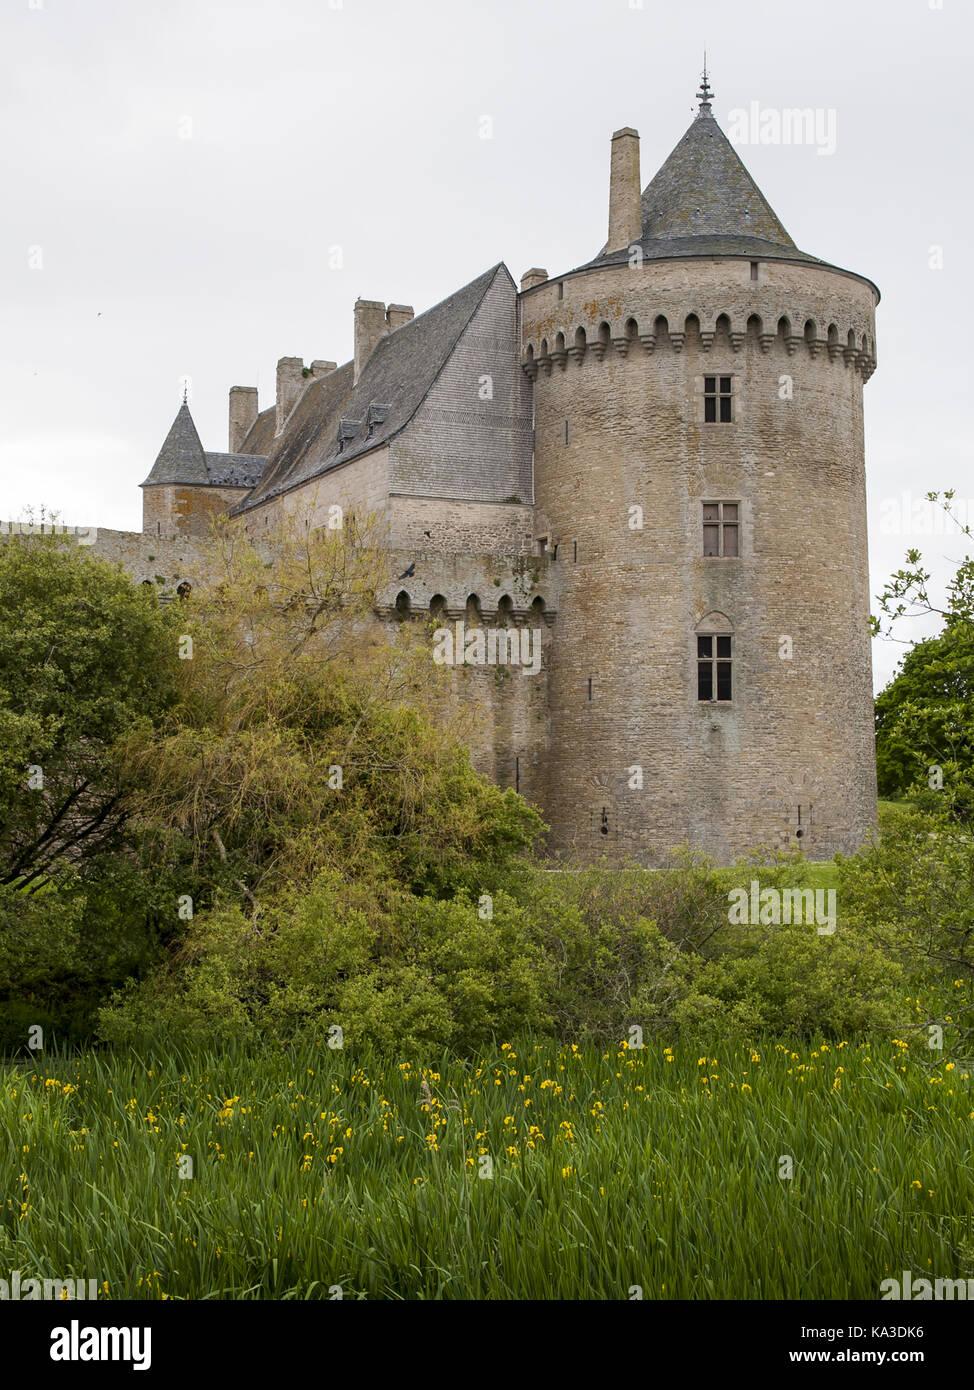 Château de Suscinio, Sarzeau, Morbihan, Brittany, France Stock Photo